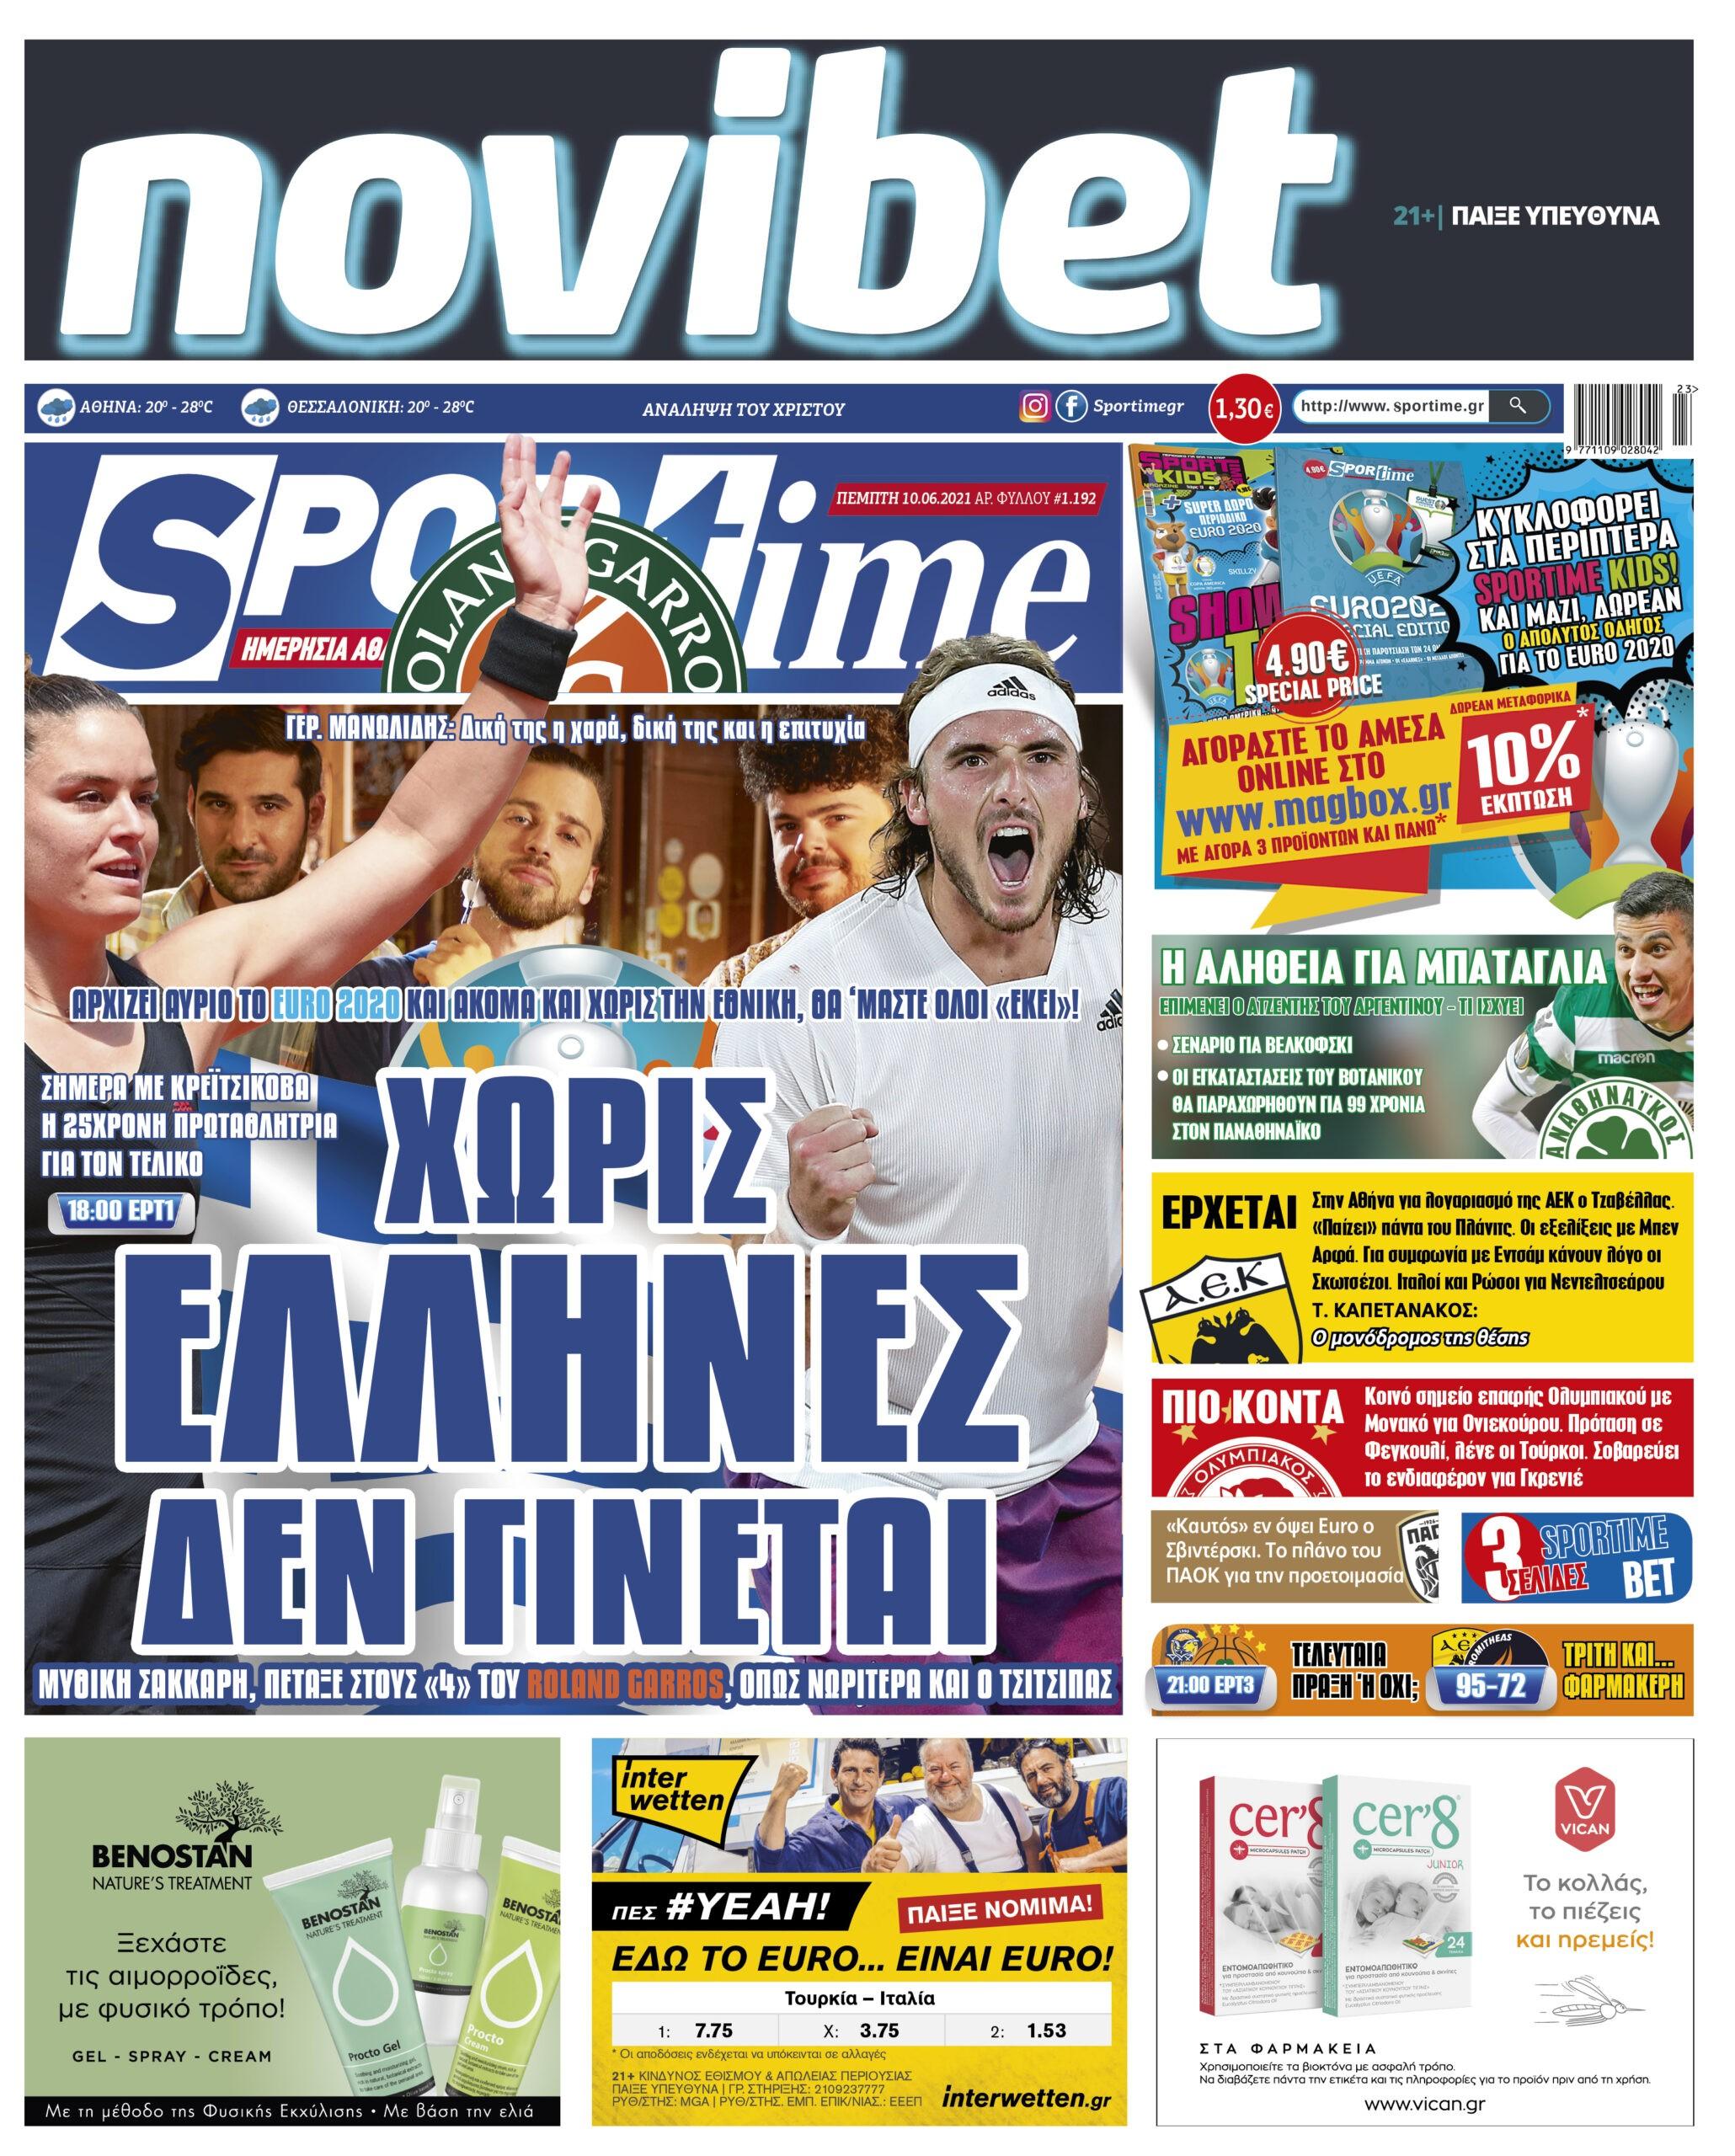 Εφημερίδα SPORTIME - Εξώφυλλο φύλλου 10/6/2021